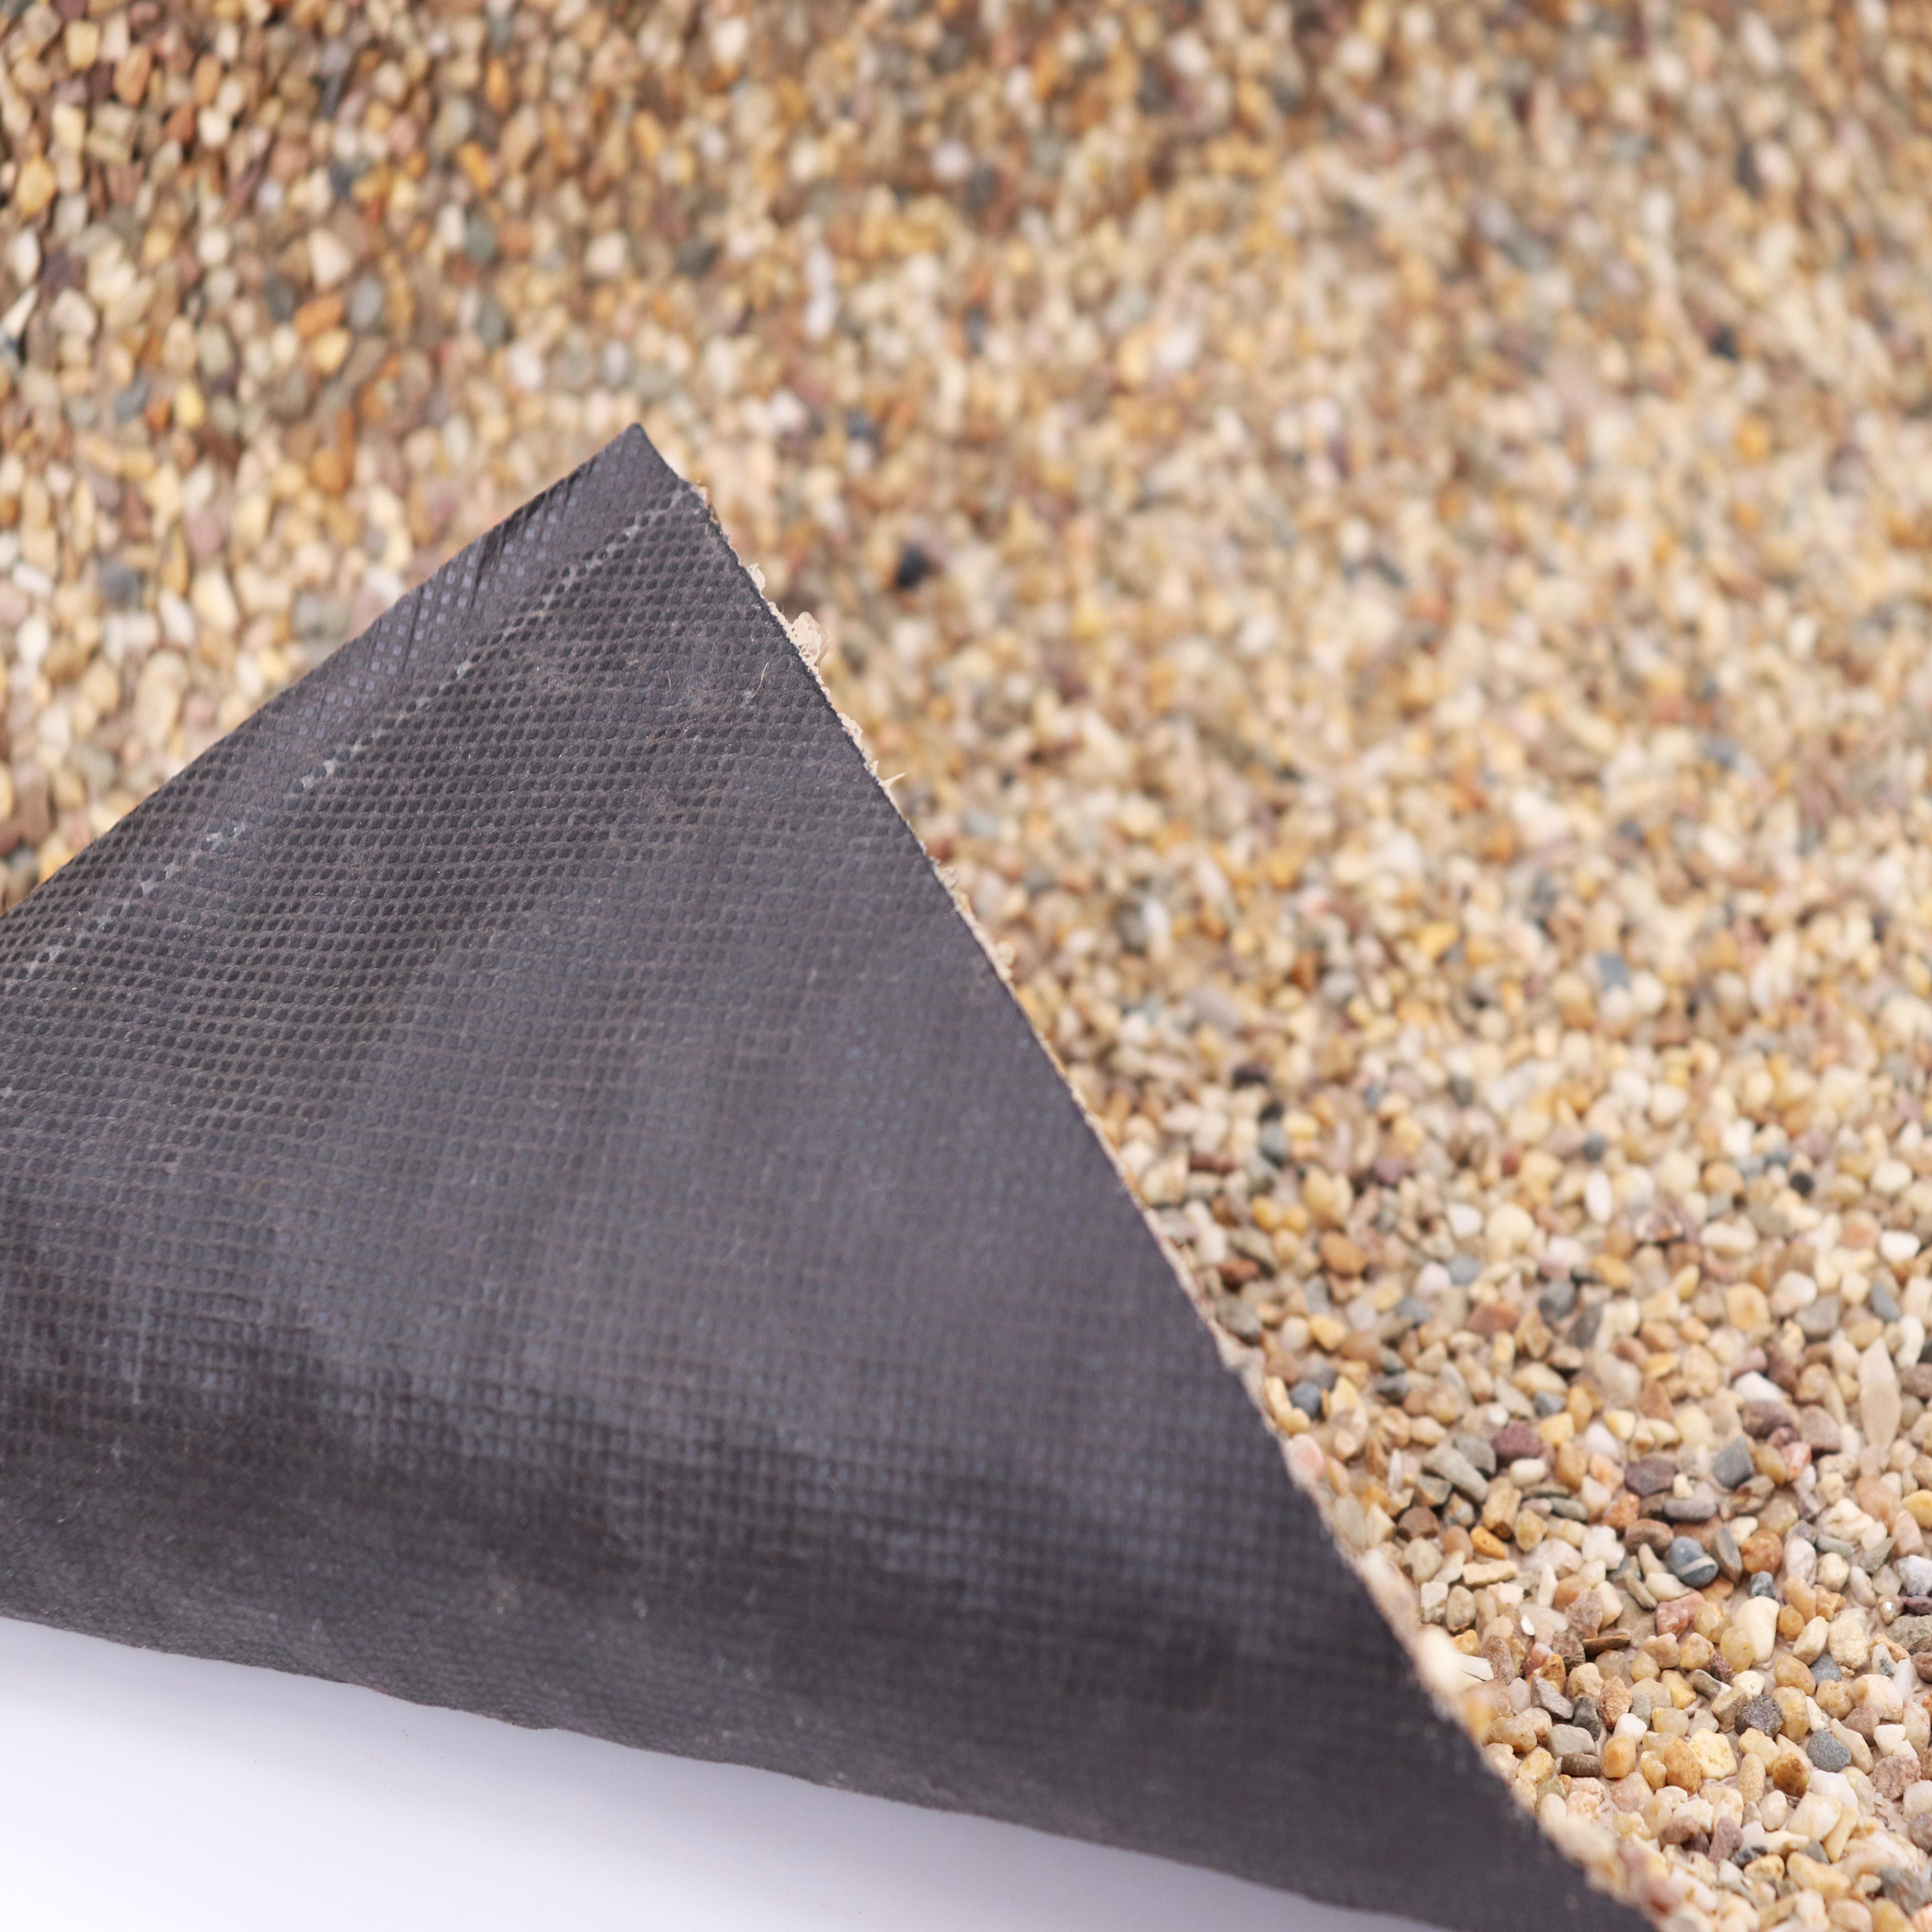 Steinfolie 1m x 1m breit Für Bachlauf Ufer Teichfolie Teich Epdm Folie